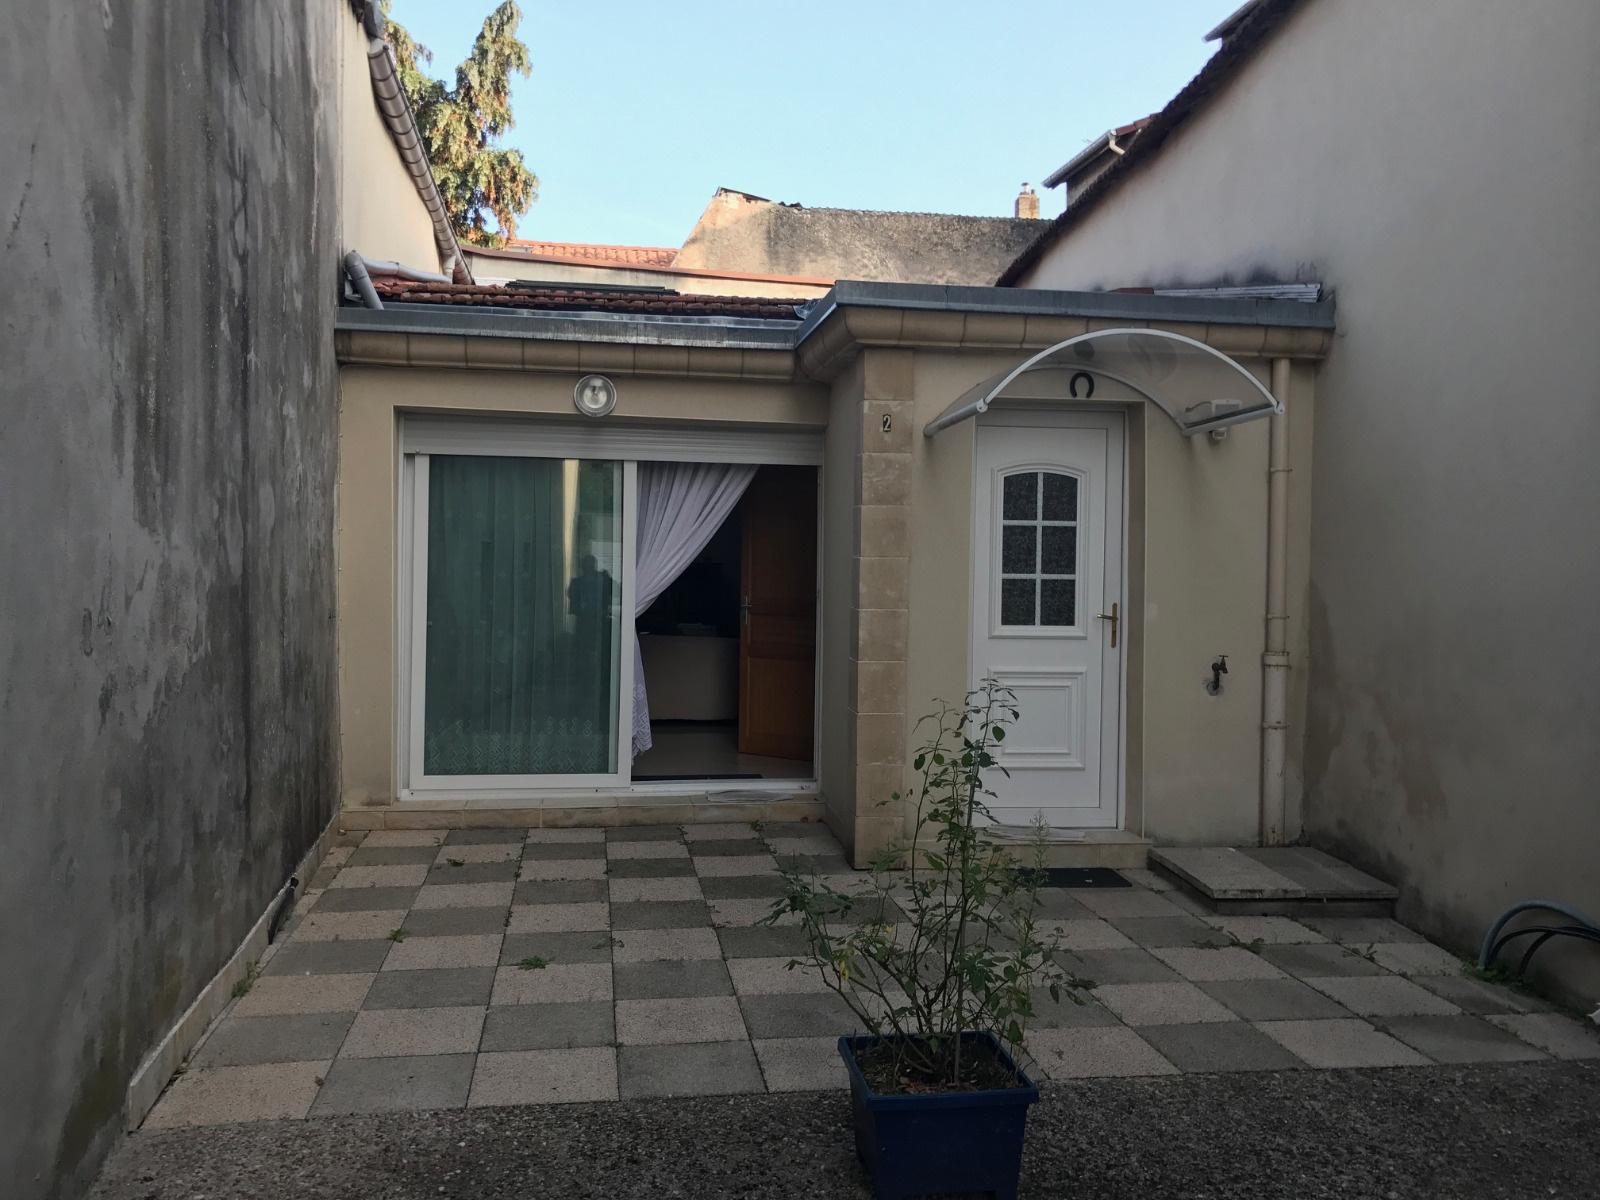 Vente saint nicolas de port belle maison de plain pied - Bouko immobilier saint nicolas de port ...